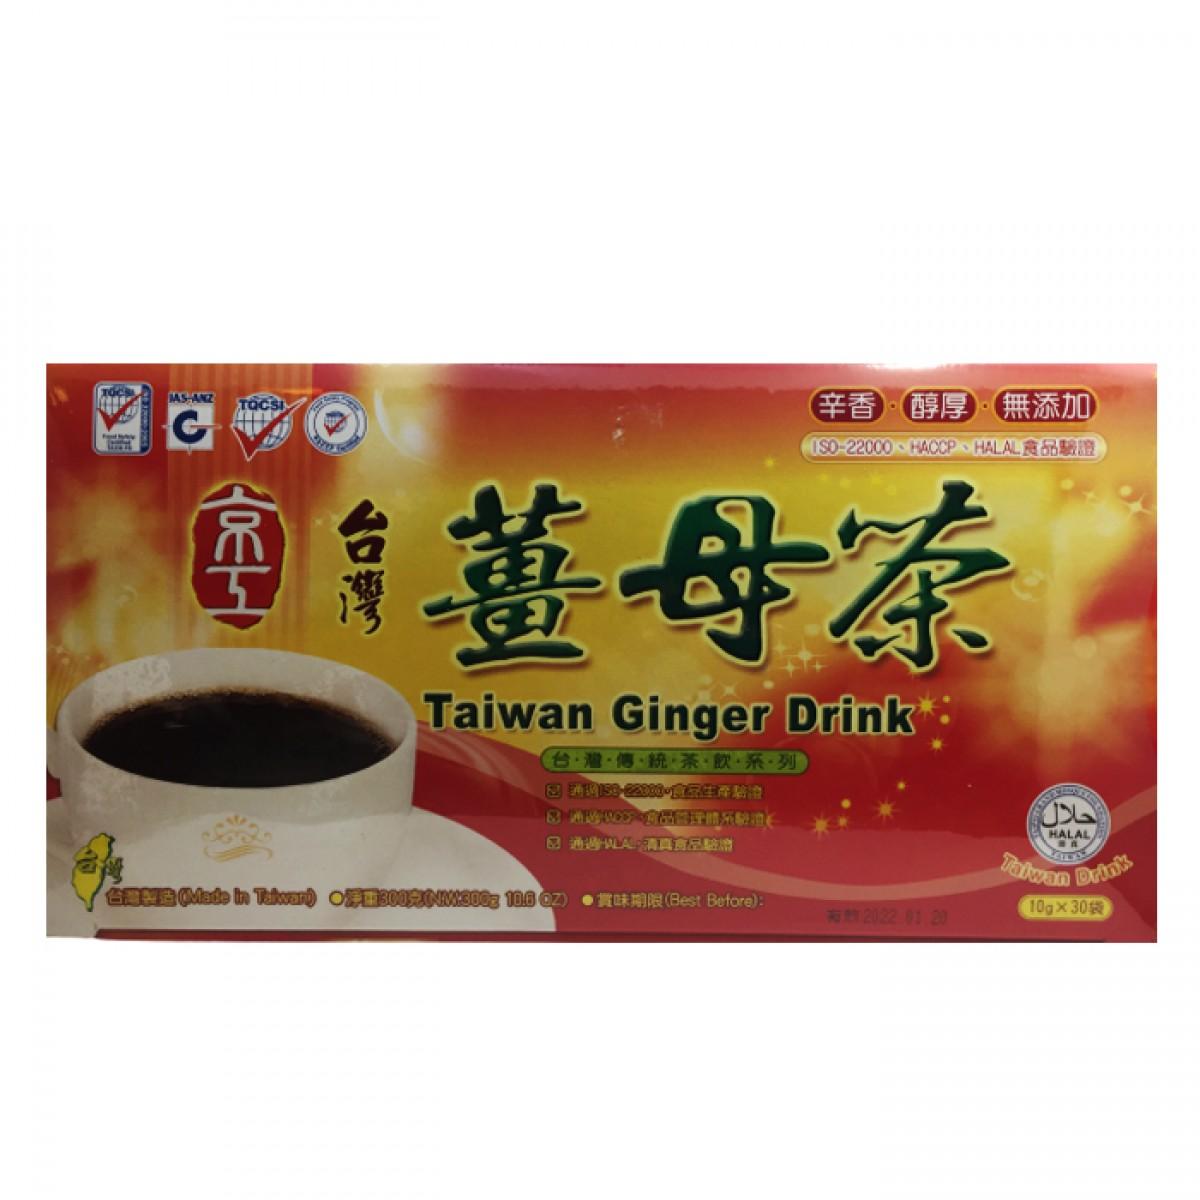 Tea, Coffee and Drinks